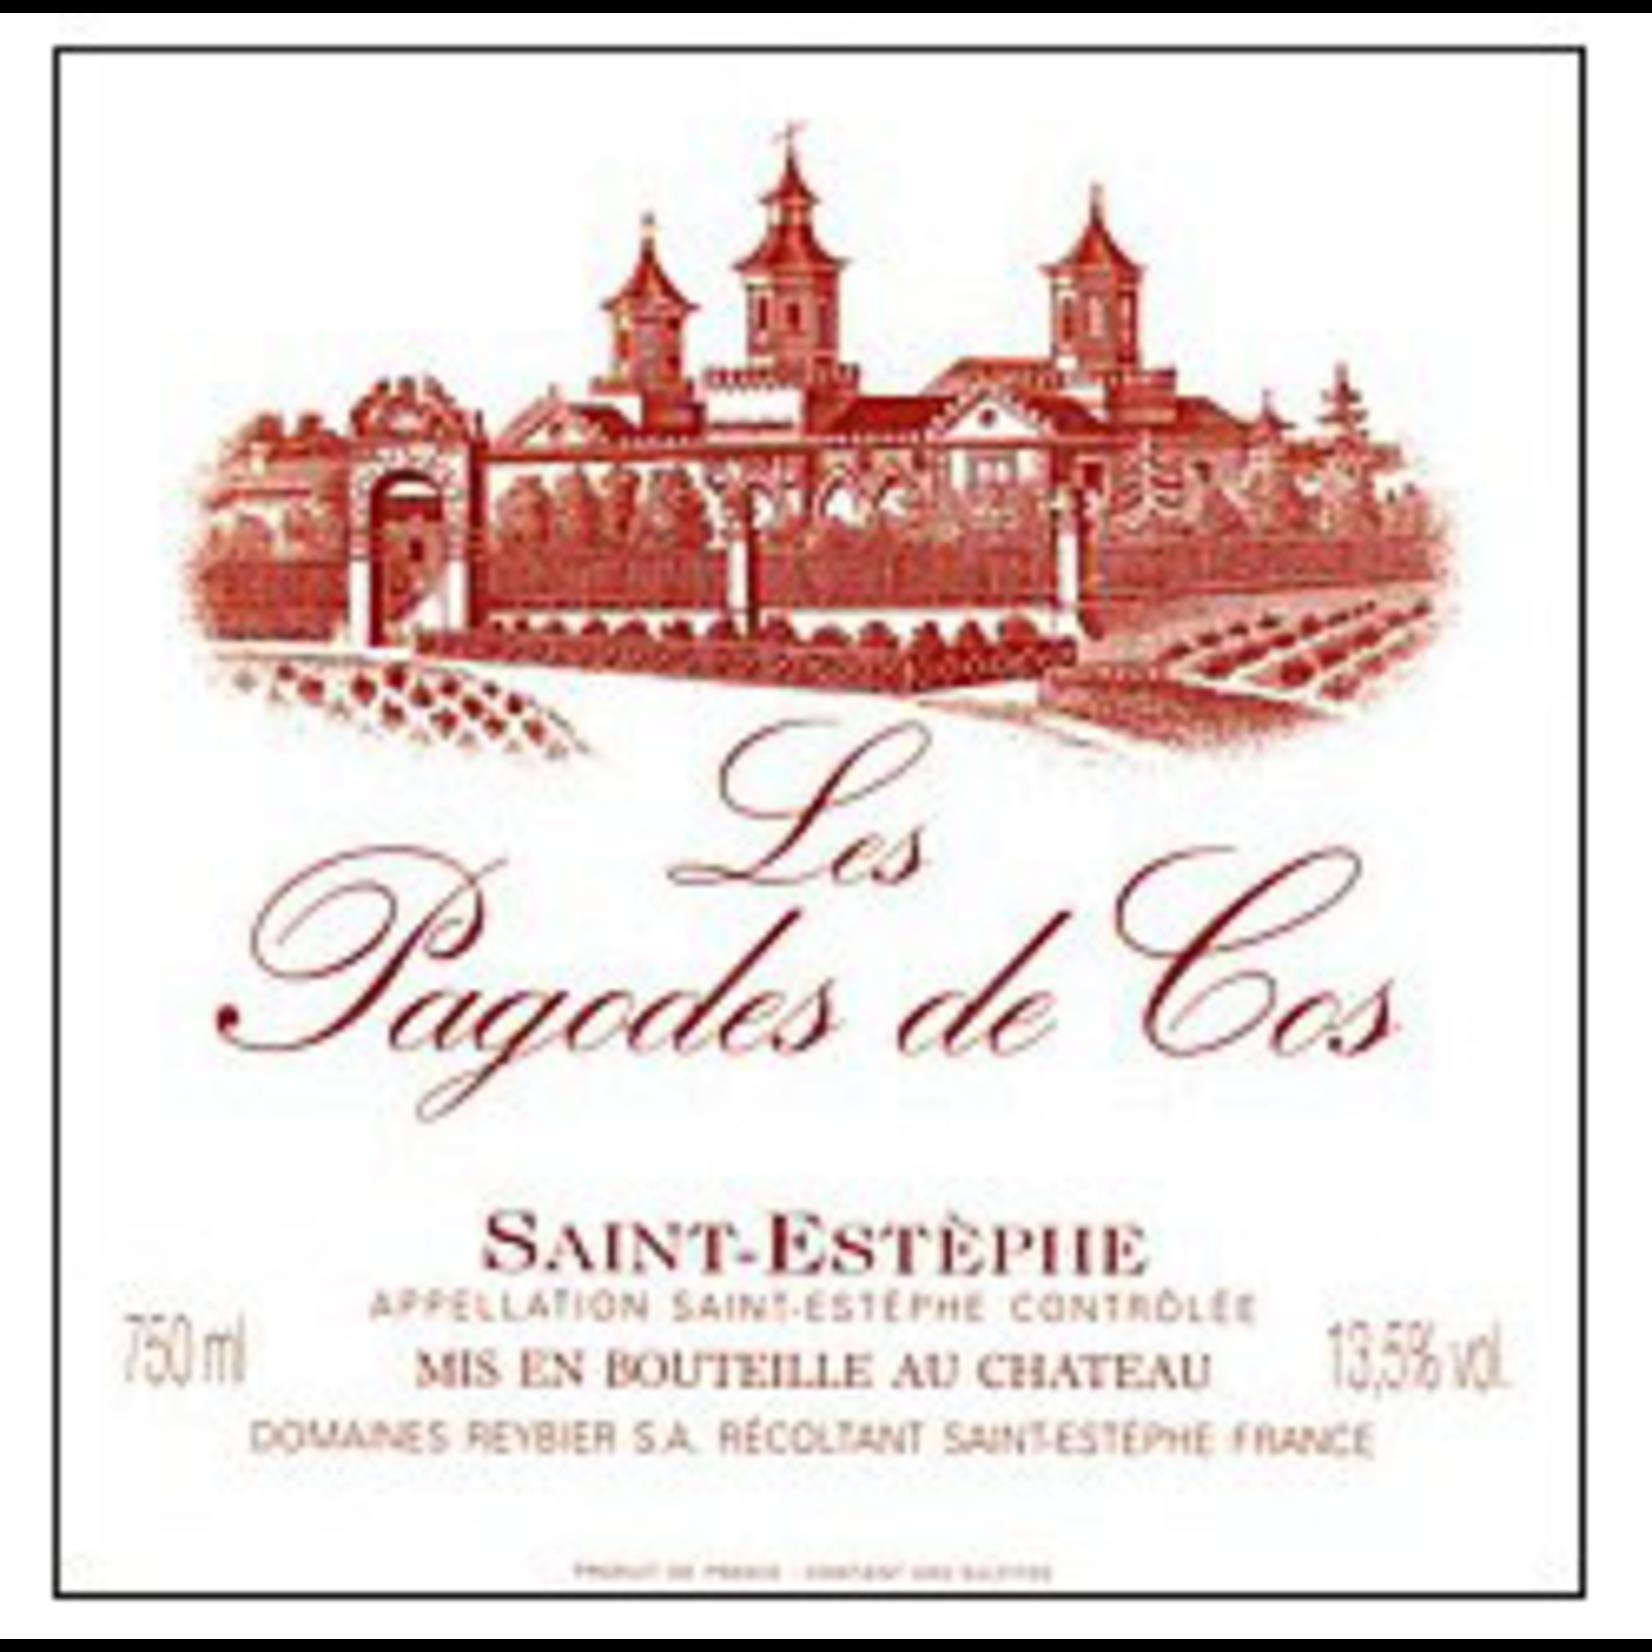 Wine Pagodes de Cos 2012